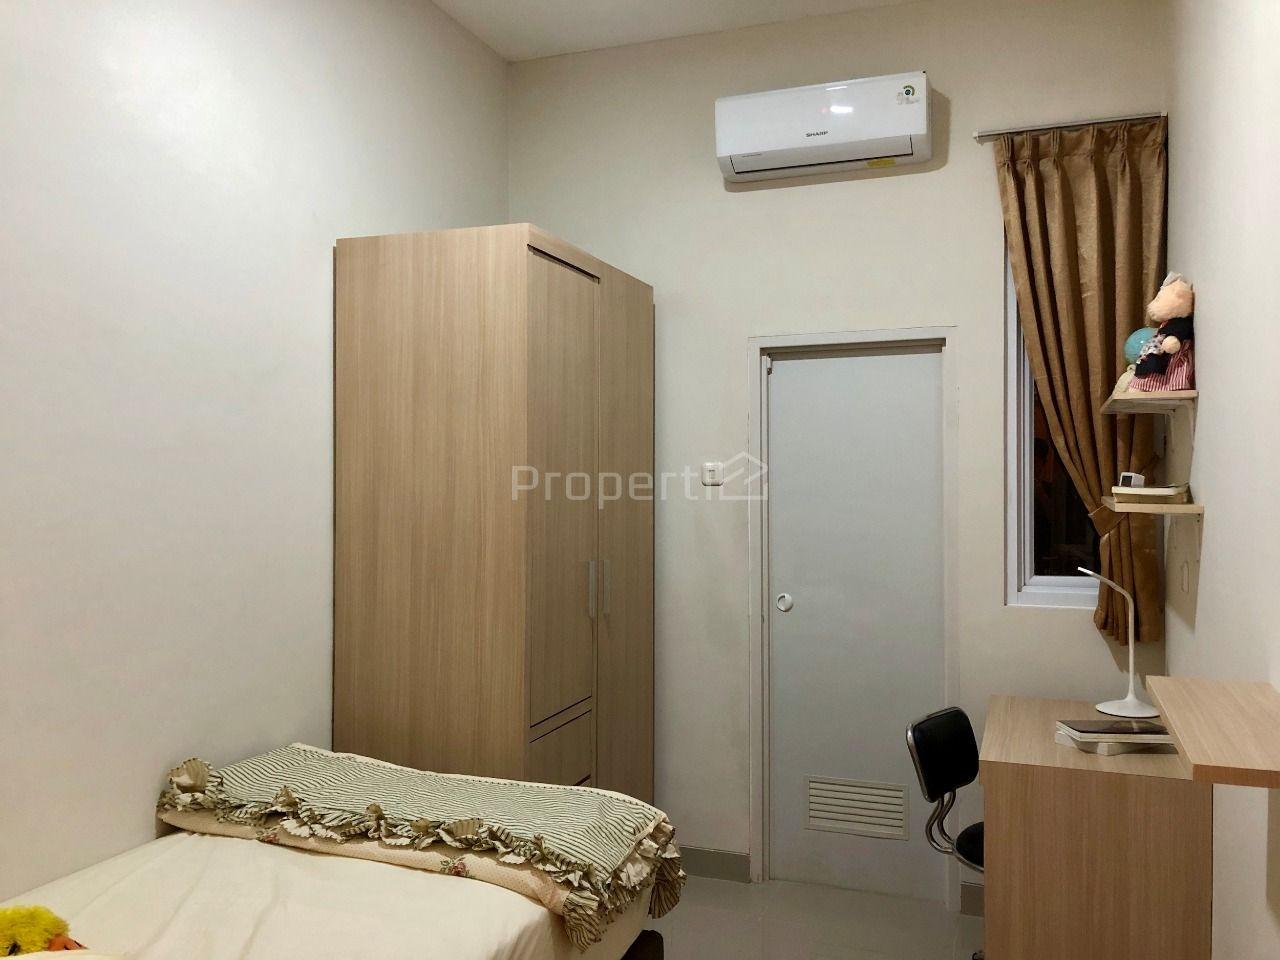 Exclusive Boarding House 4 Floors in Tanjung Duren, DKI Jakarta